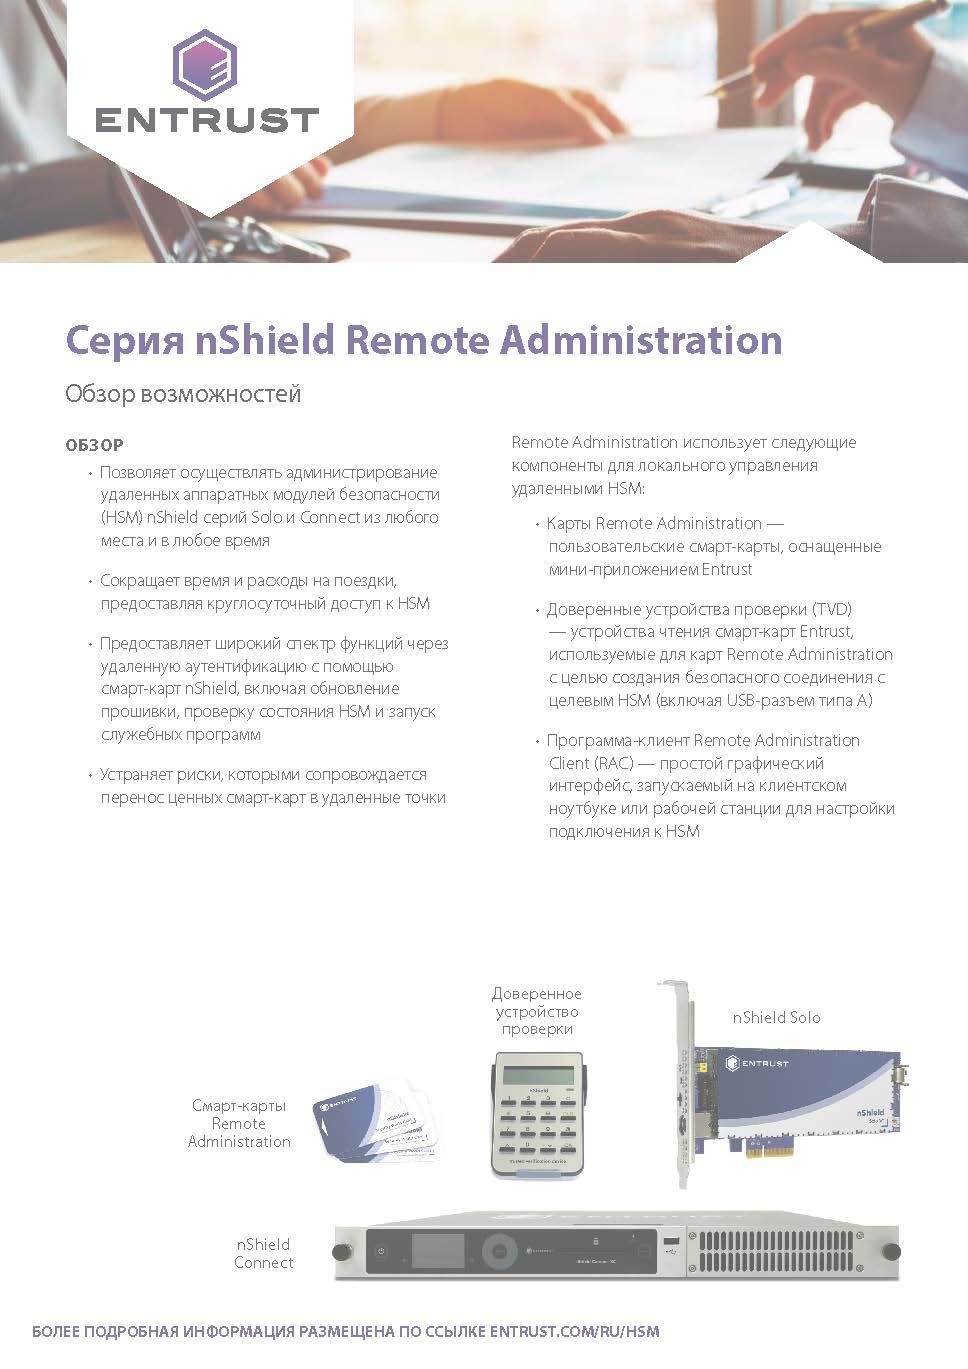 Серия nShield Remote Administration